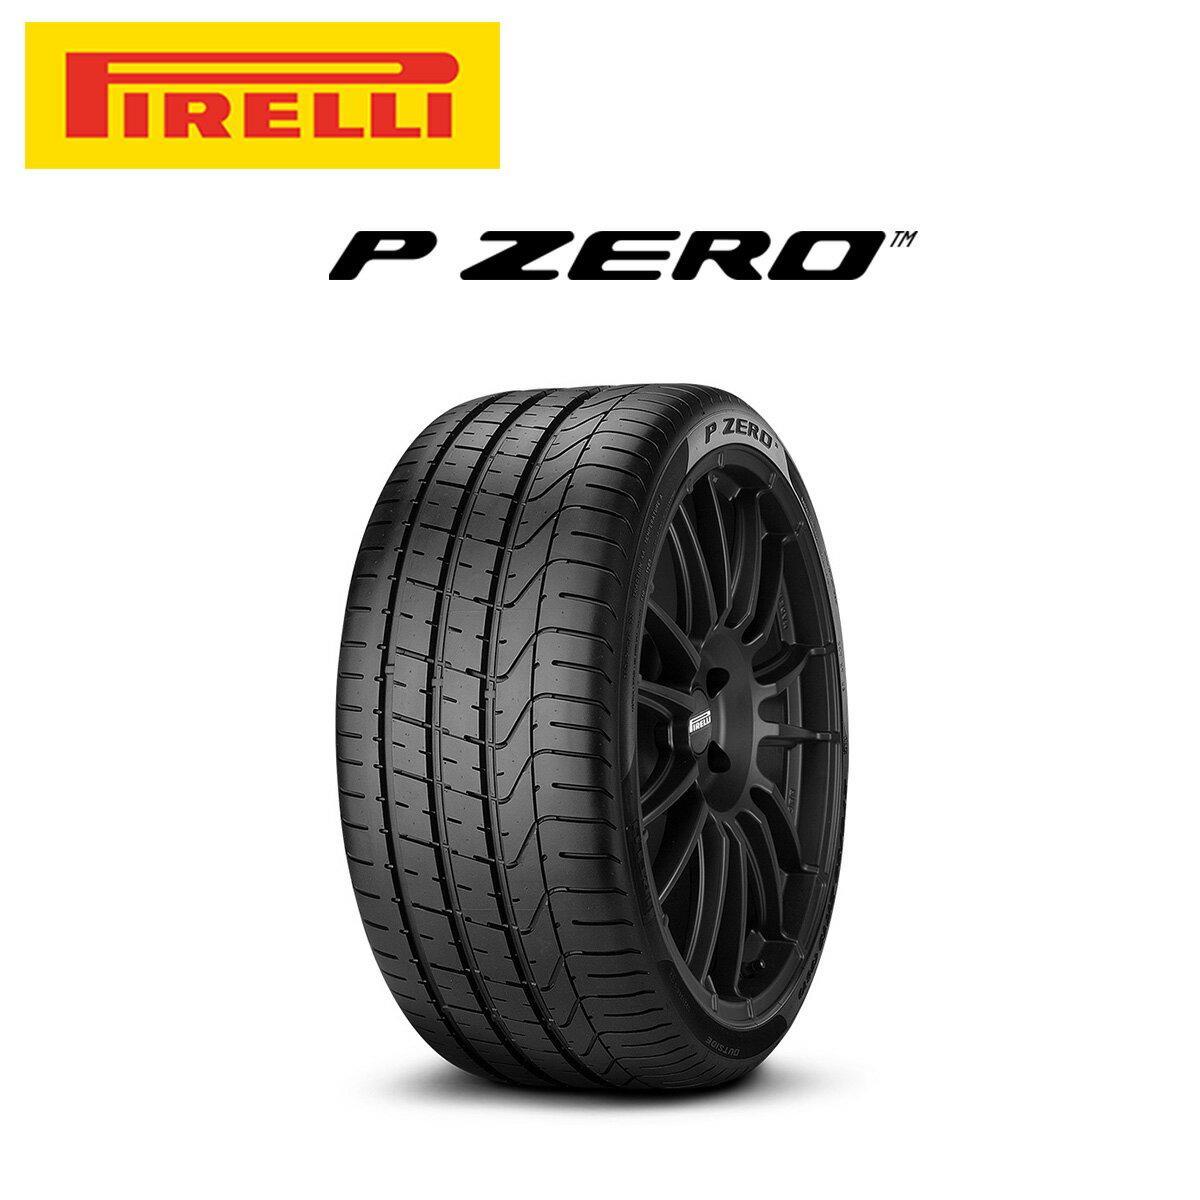 ピレリ PIRELLI P ZERO ピーゼロ 20インチ サマー タイヤ 1本 255/50R20 109W XL J:ジャガー LR:ランドローバー承認タイヤ 2528700